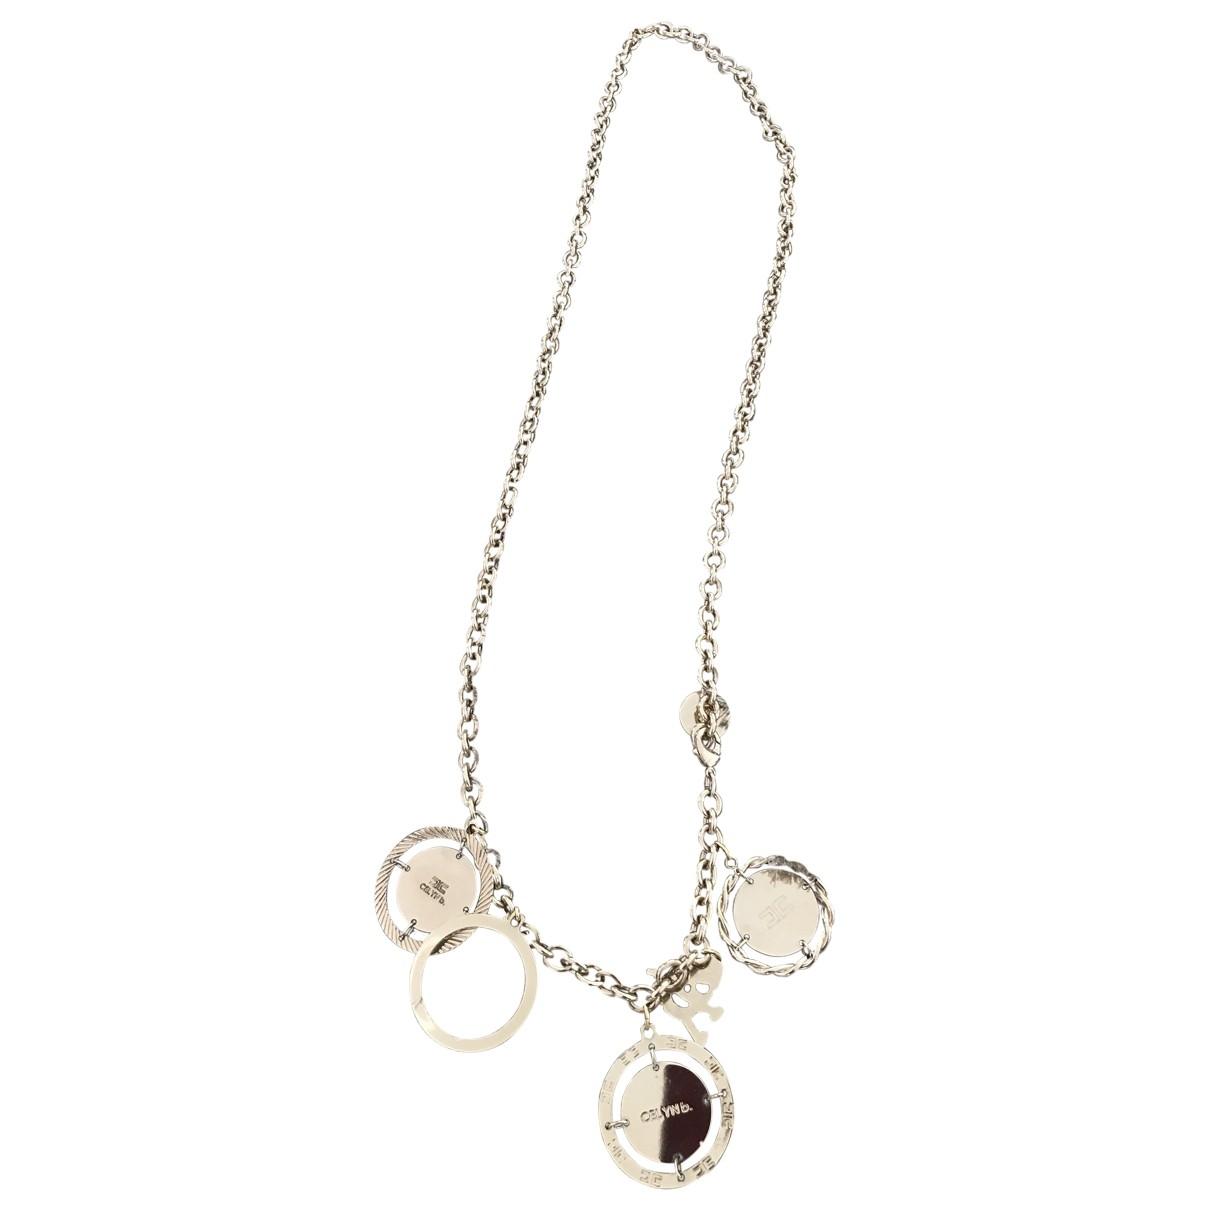 Elisabetta Franchi \N Gold Metal necklace for Women \N